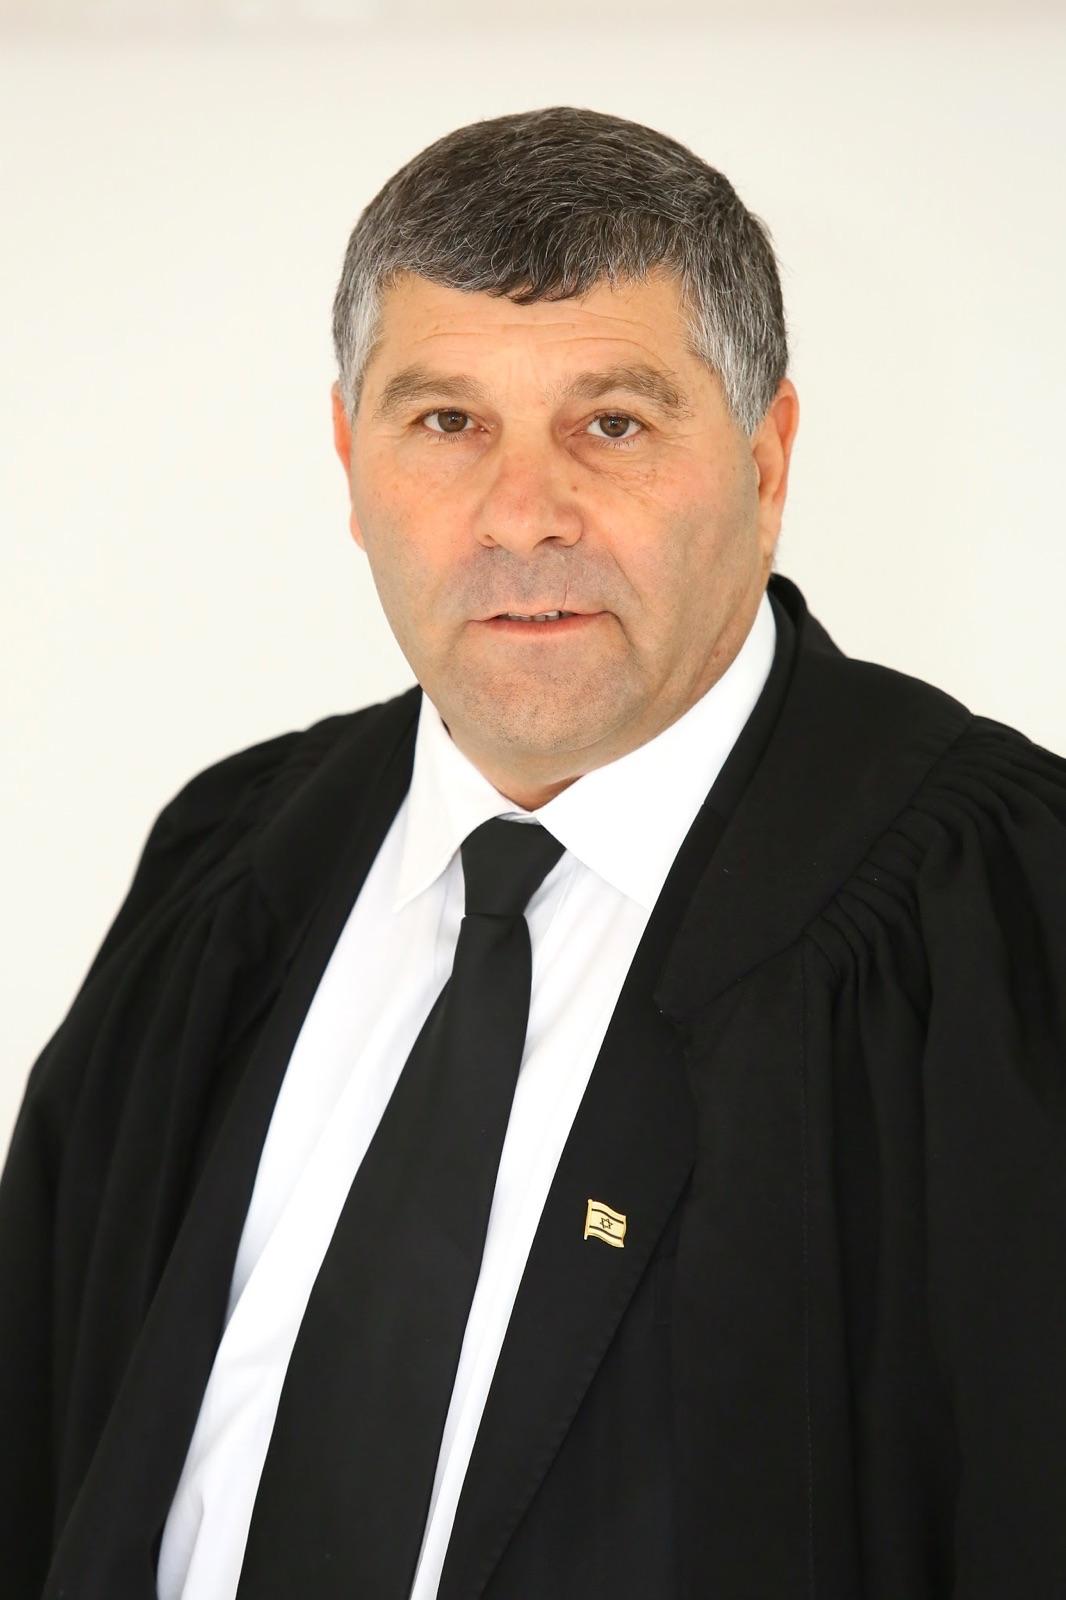 מיכה גבאי (צילום: דקל עטיה אדום צלמים )